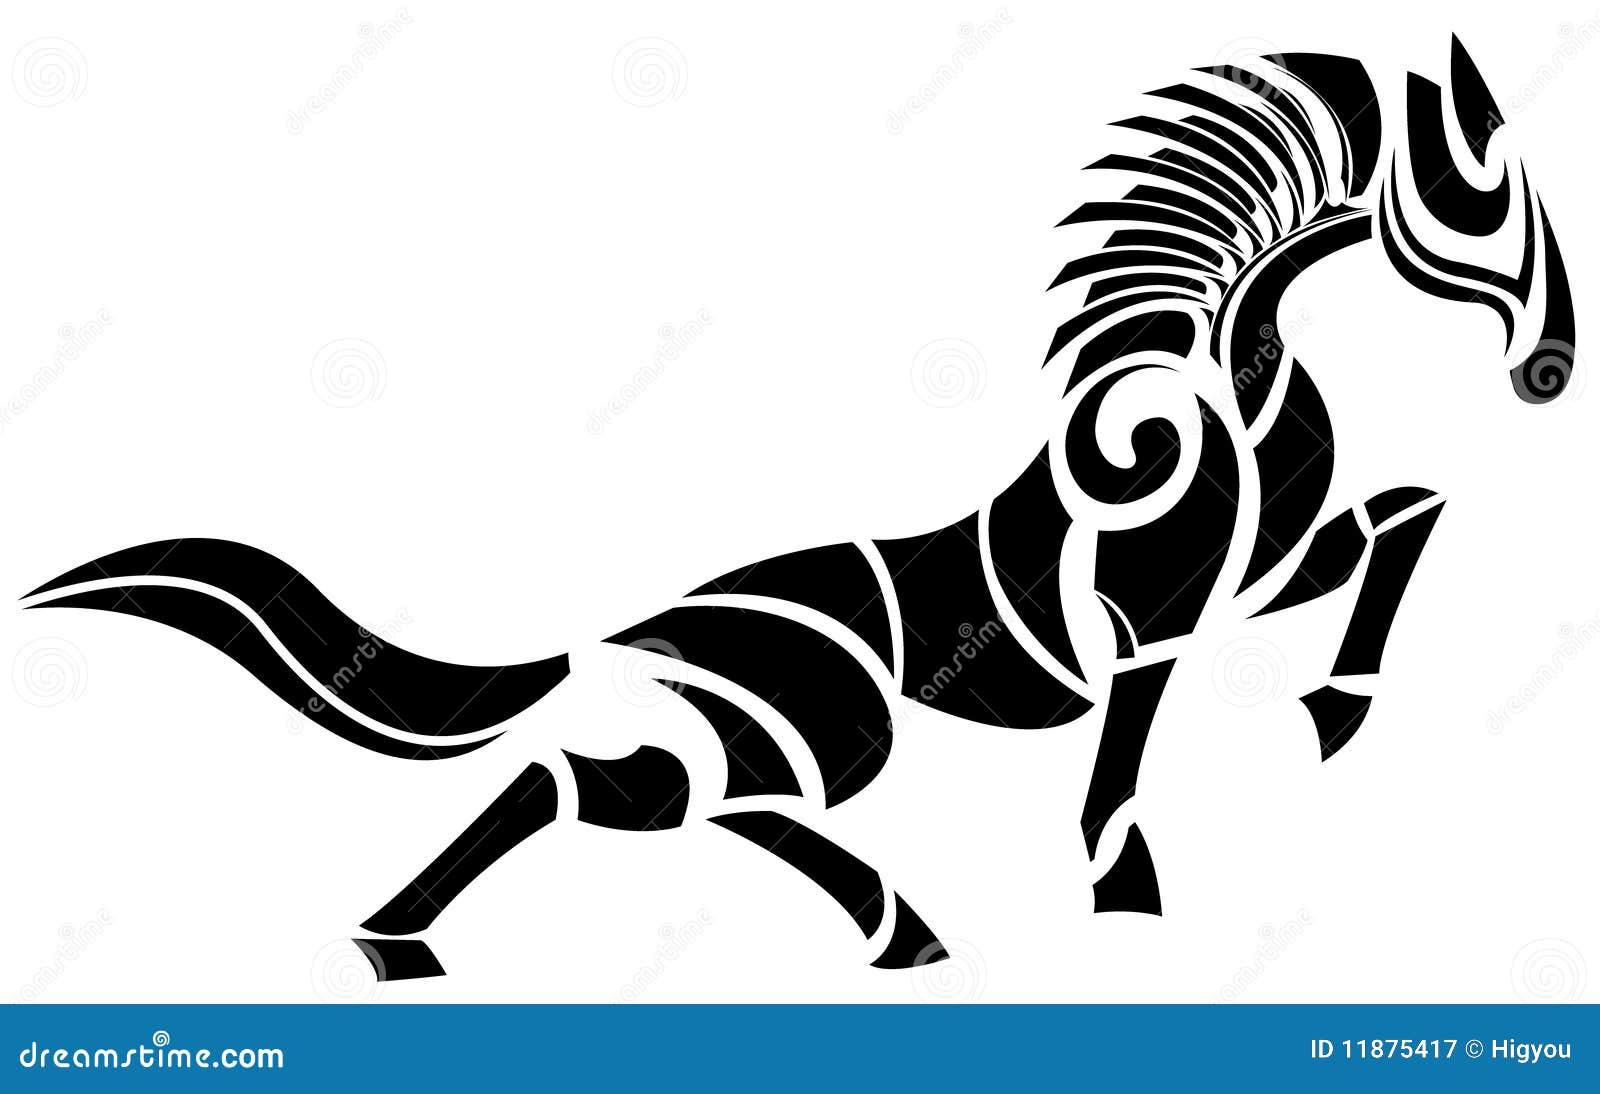 Cavallo stilizzato fotografia stock libera da diritti for Disegno cavallo stilizzato